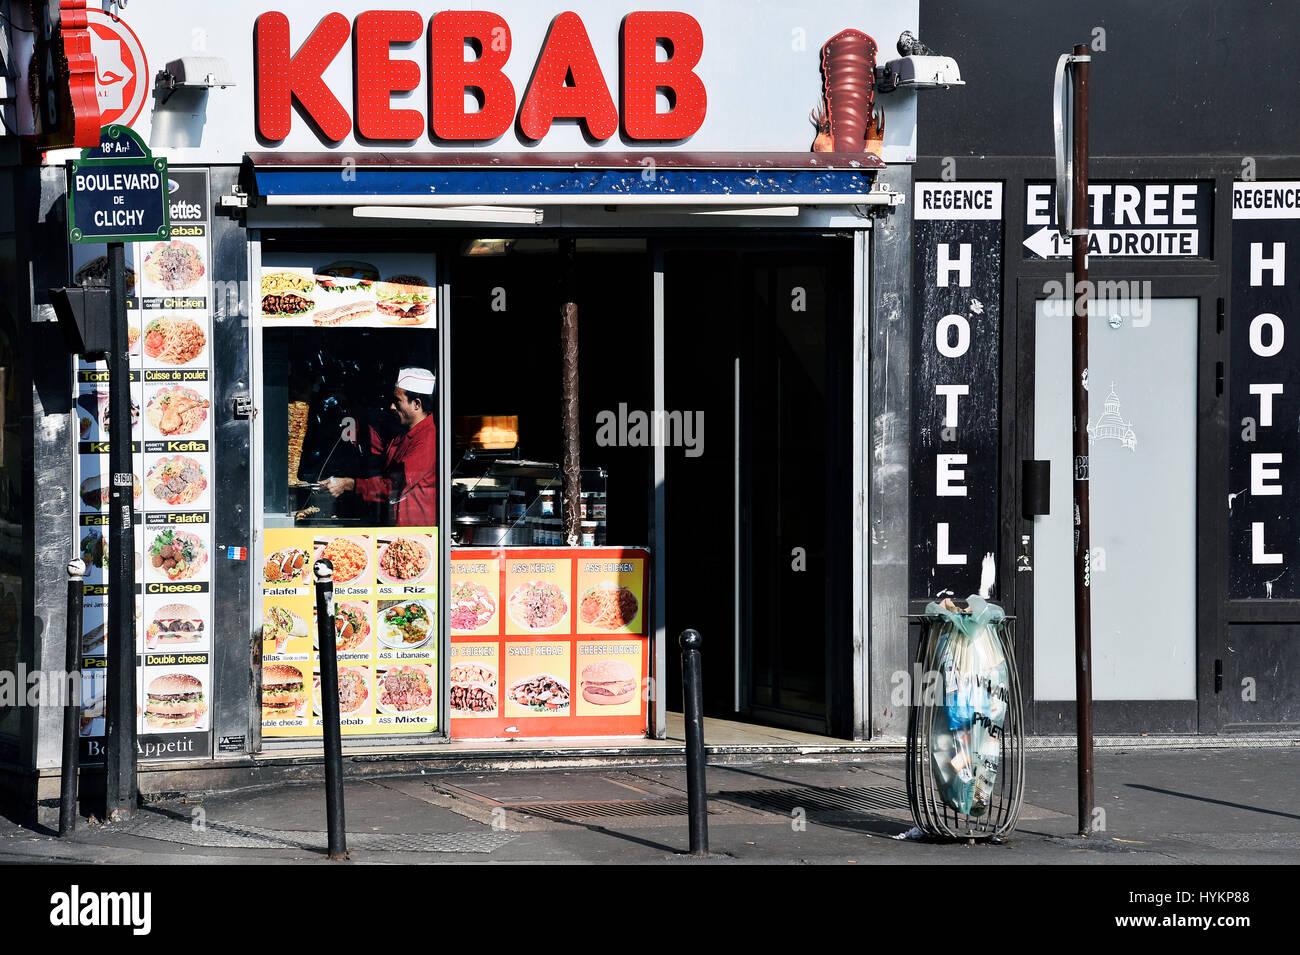 Kebab restaurant, Paris 18th, France - Stock Image